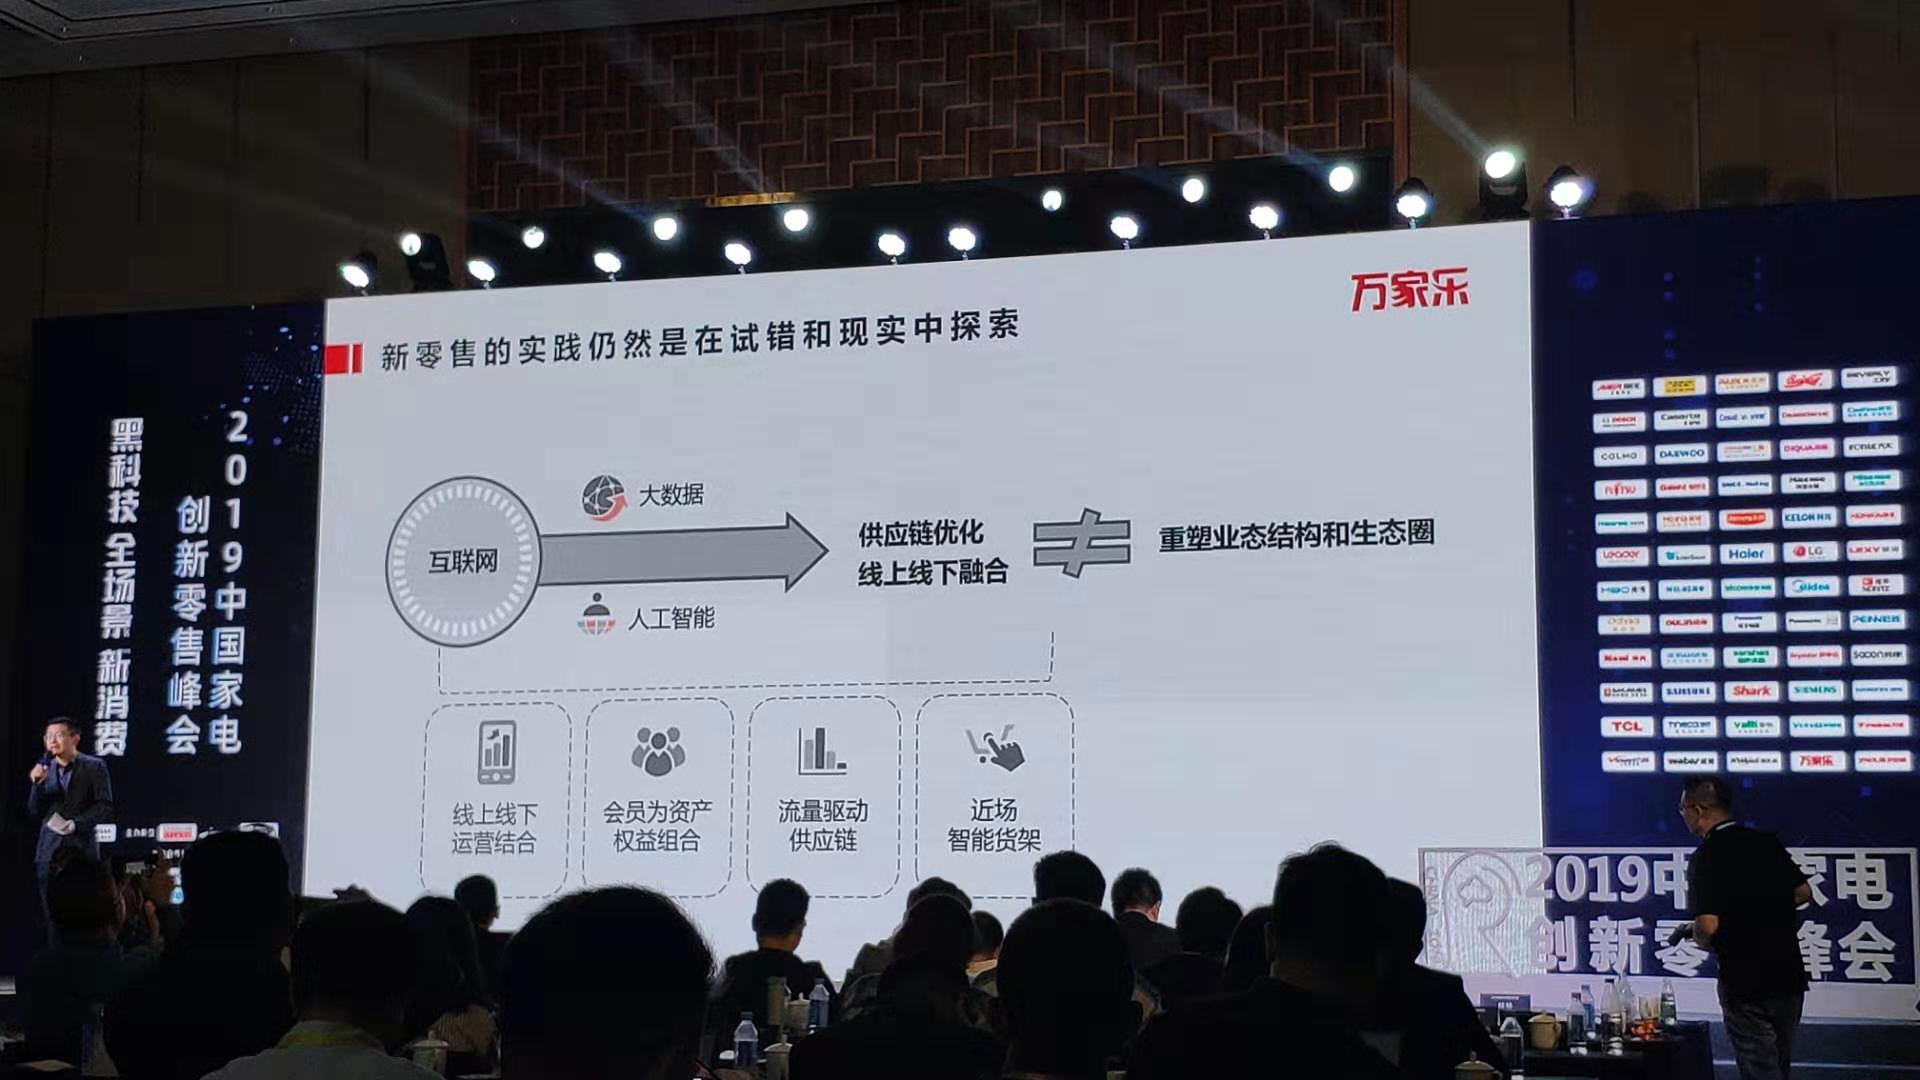 2019广东国际家电博览会开幕,万家乐携整体厨卫解决方案亮相